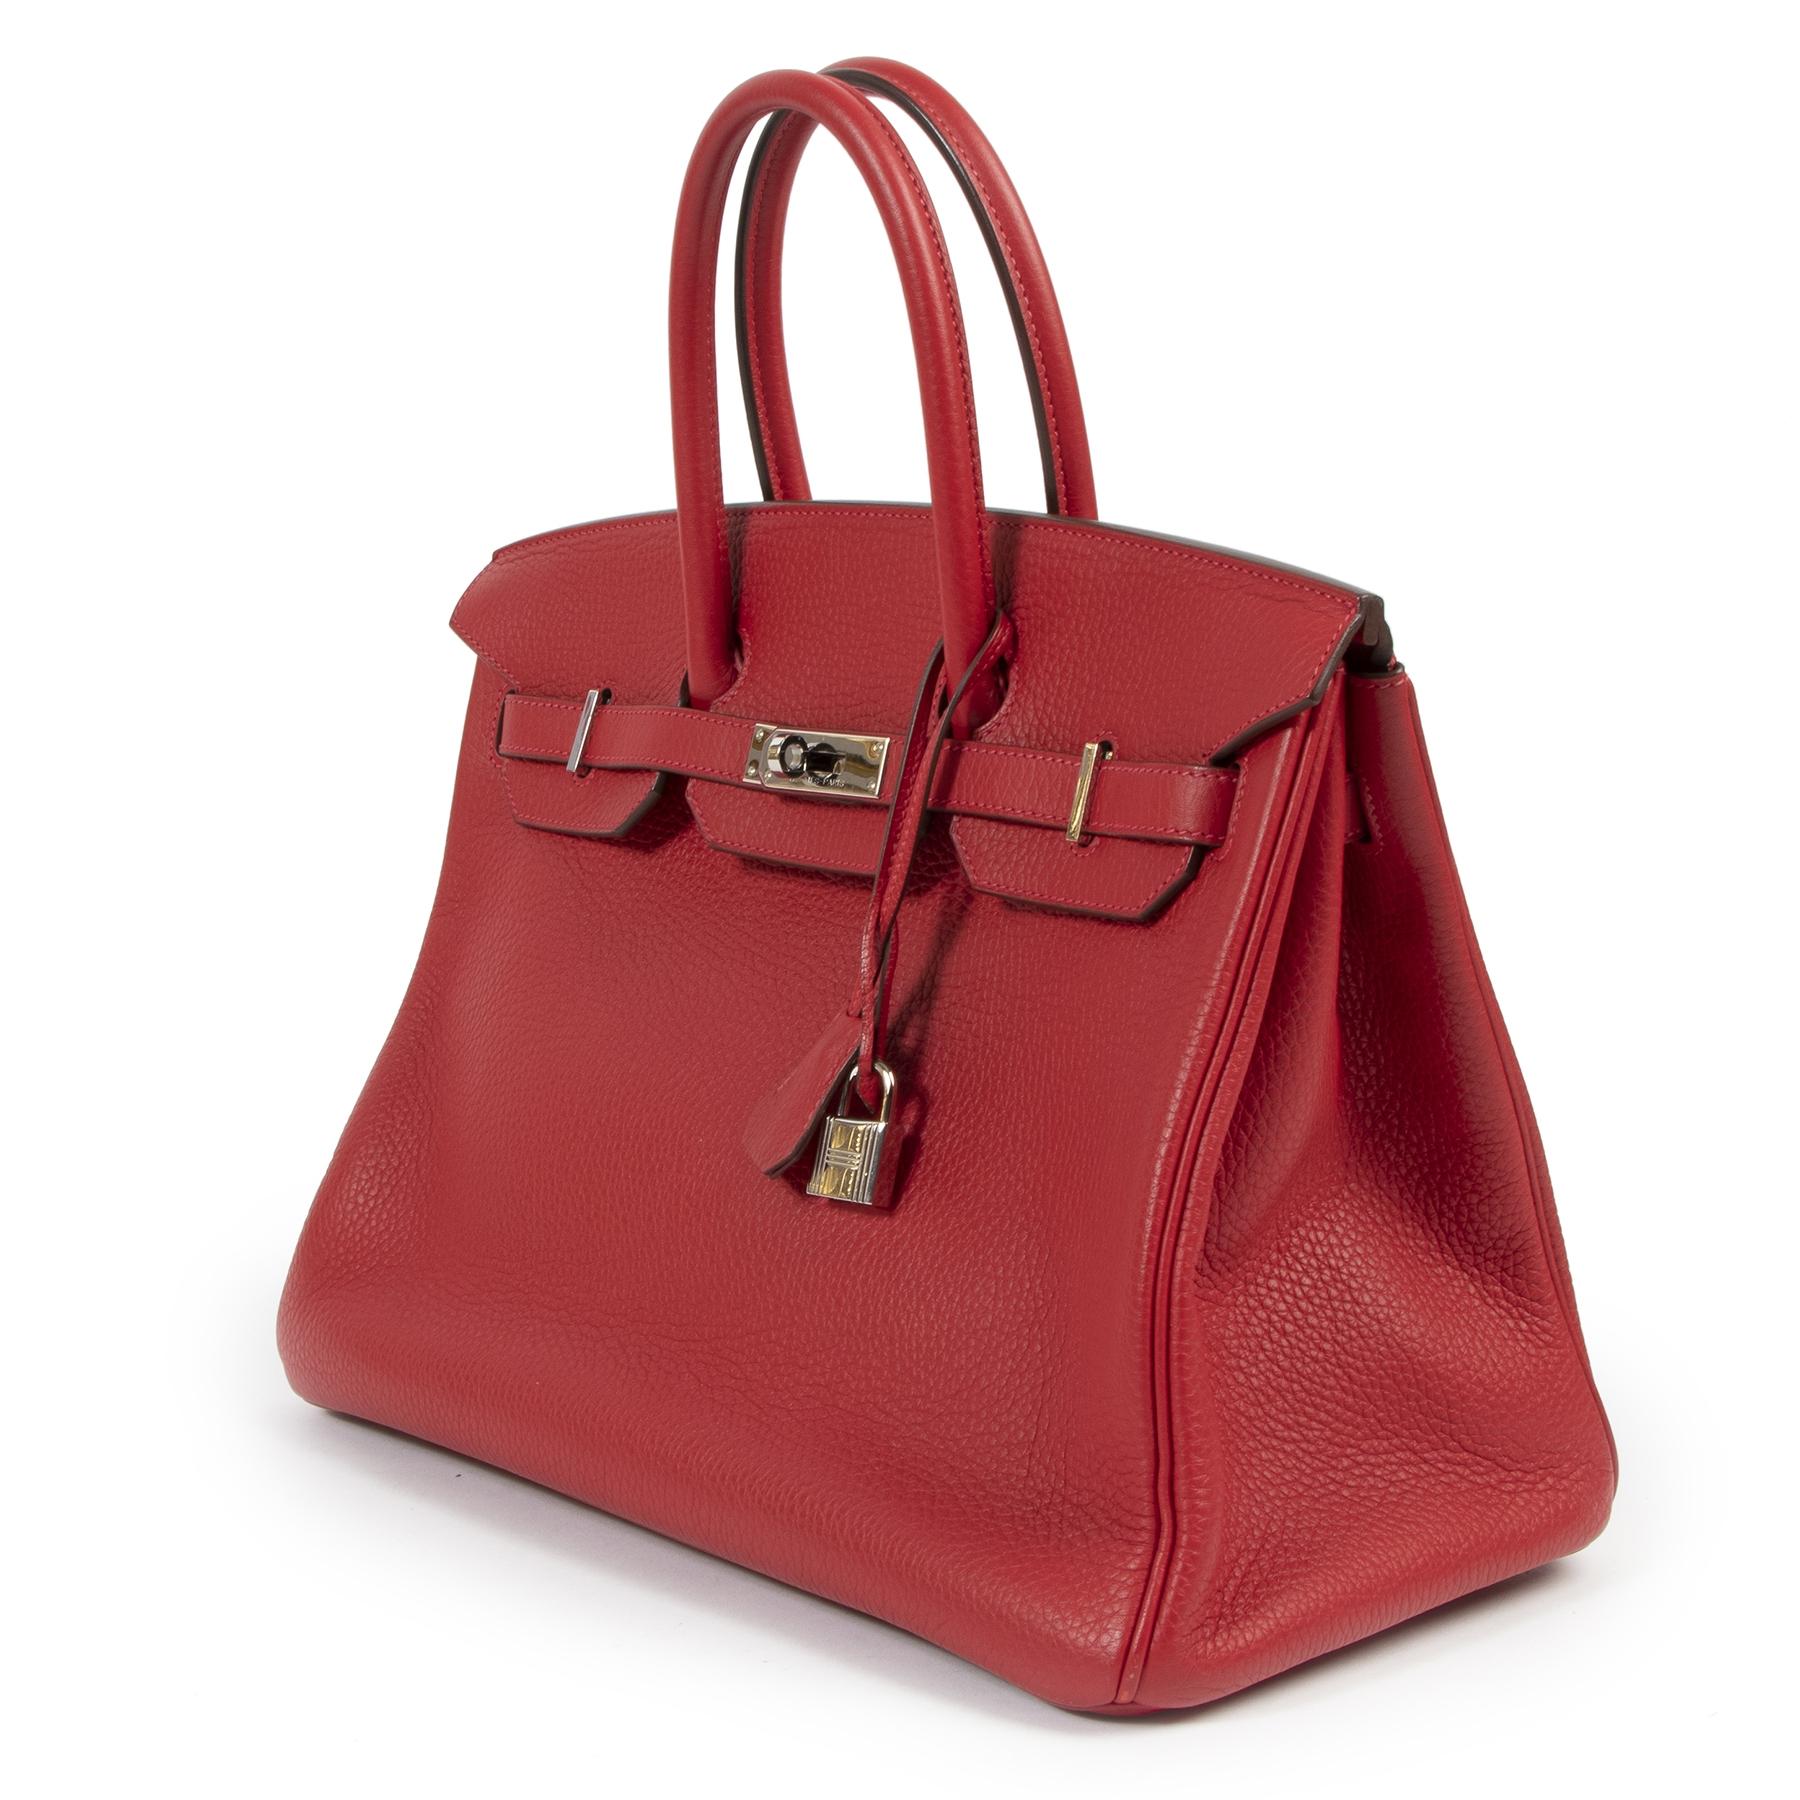 Hermès Birkin 35 Rouge Casaque Taurillon Clemence PHW te koop aan de beste prijs bij Labellov tweedehands luxe in Antwerpen